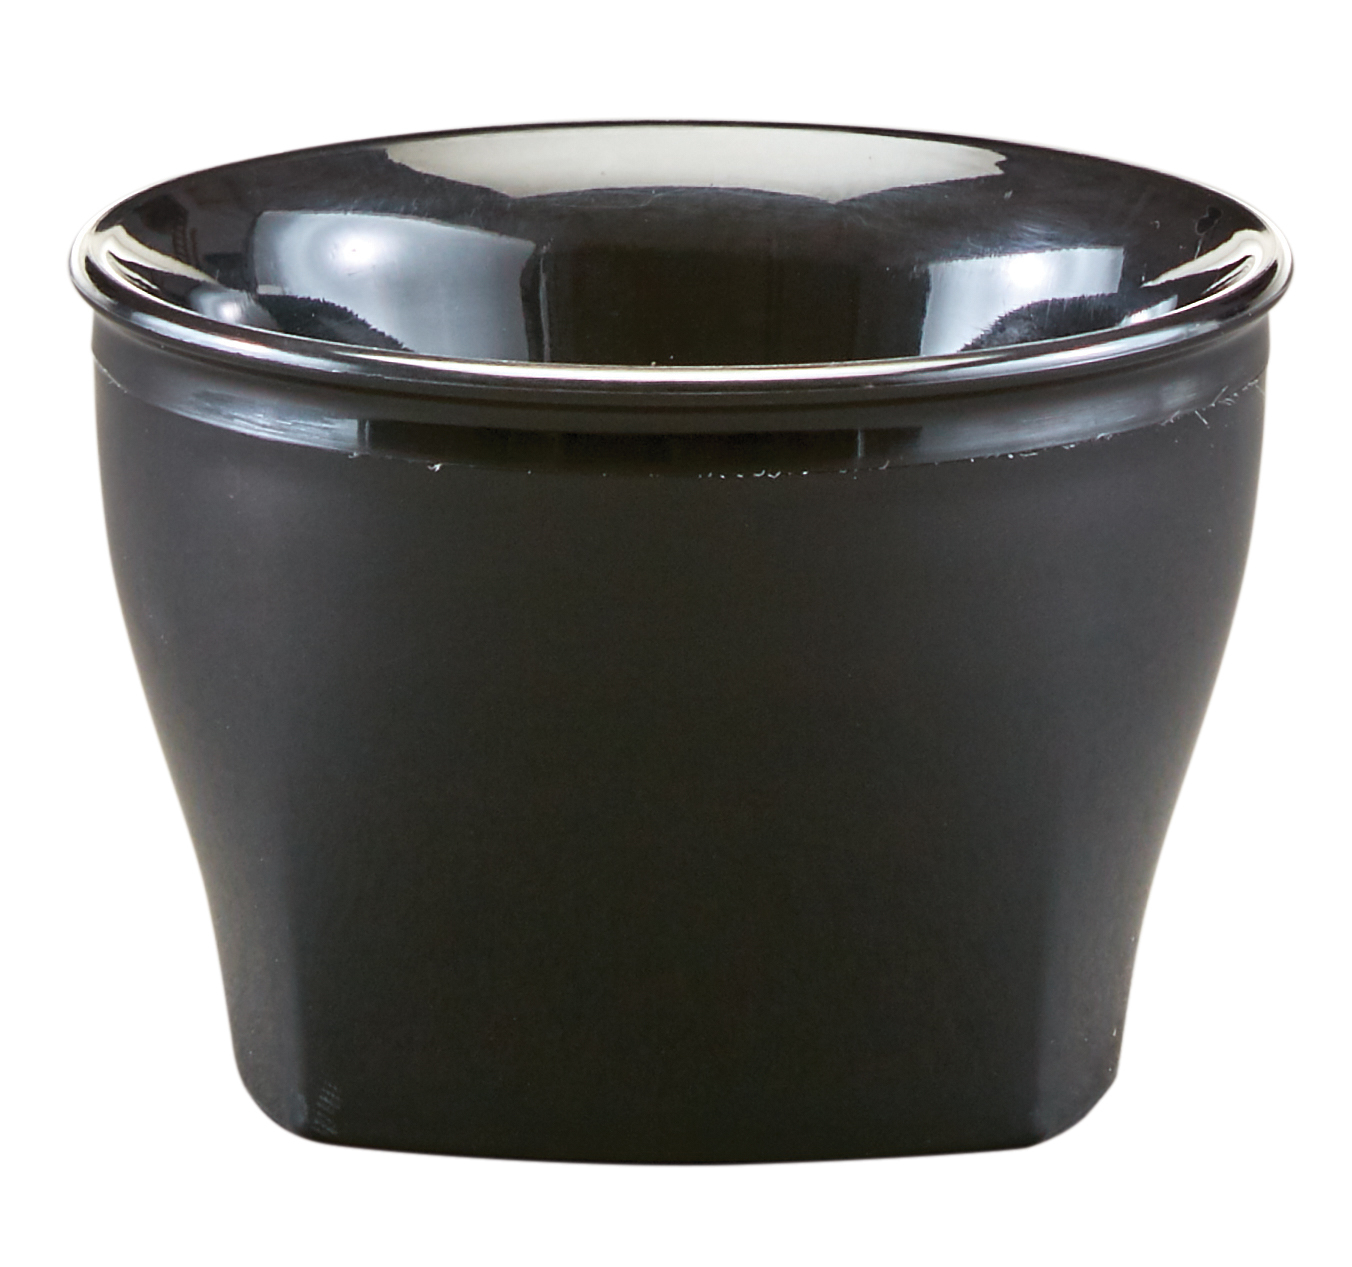 Cambro MDSHB5110 bowls (non disposable)